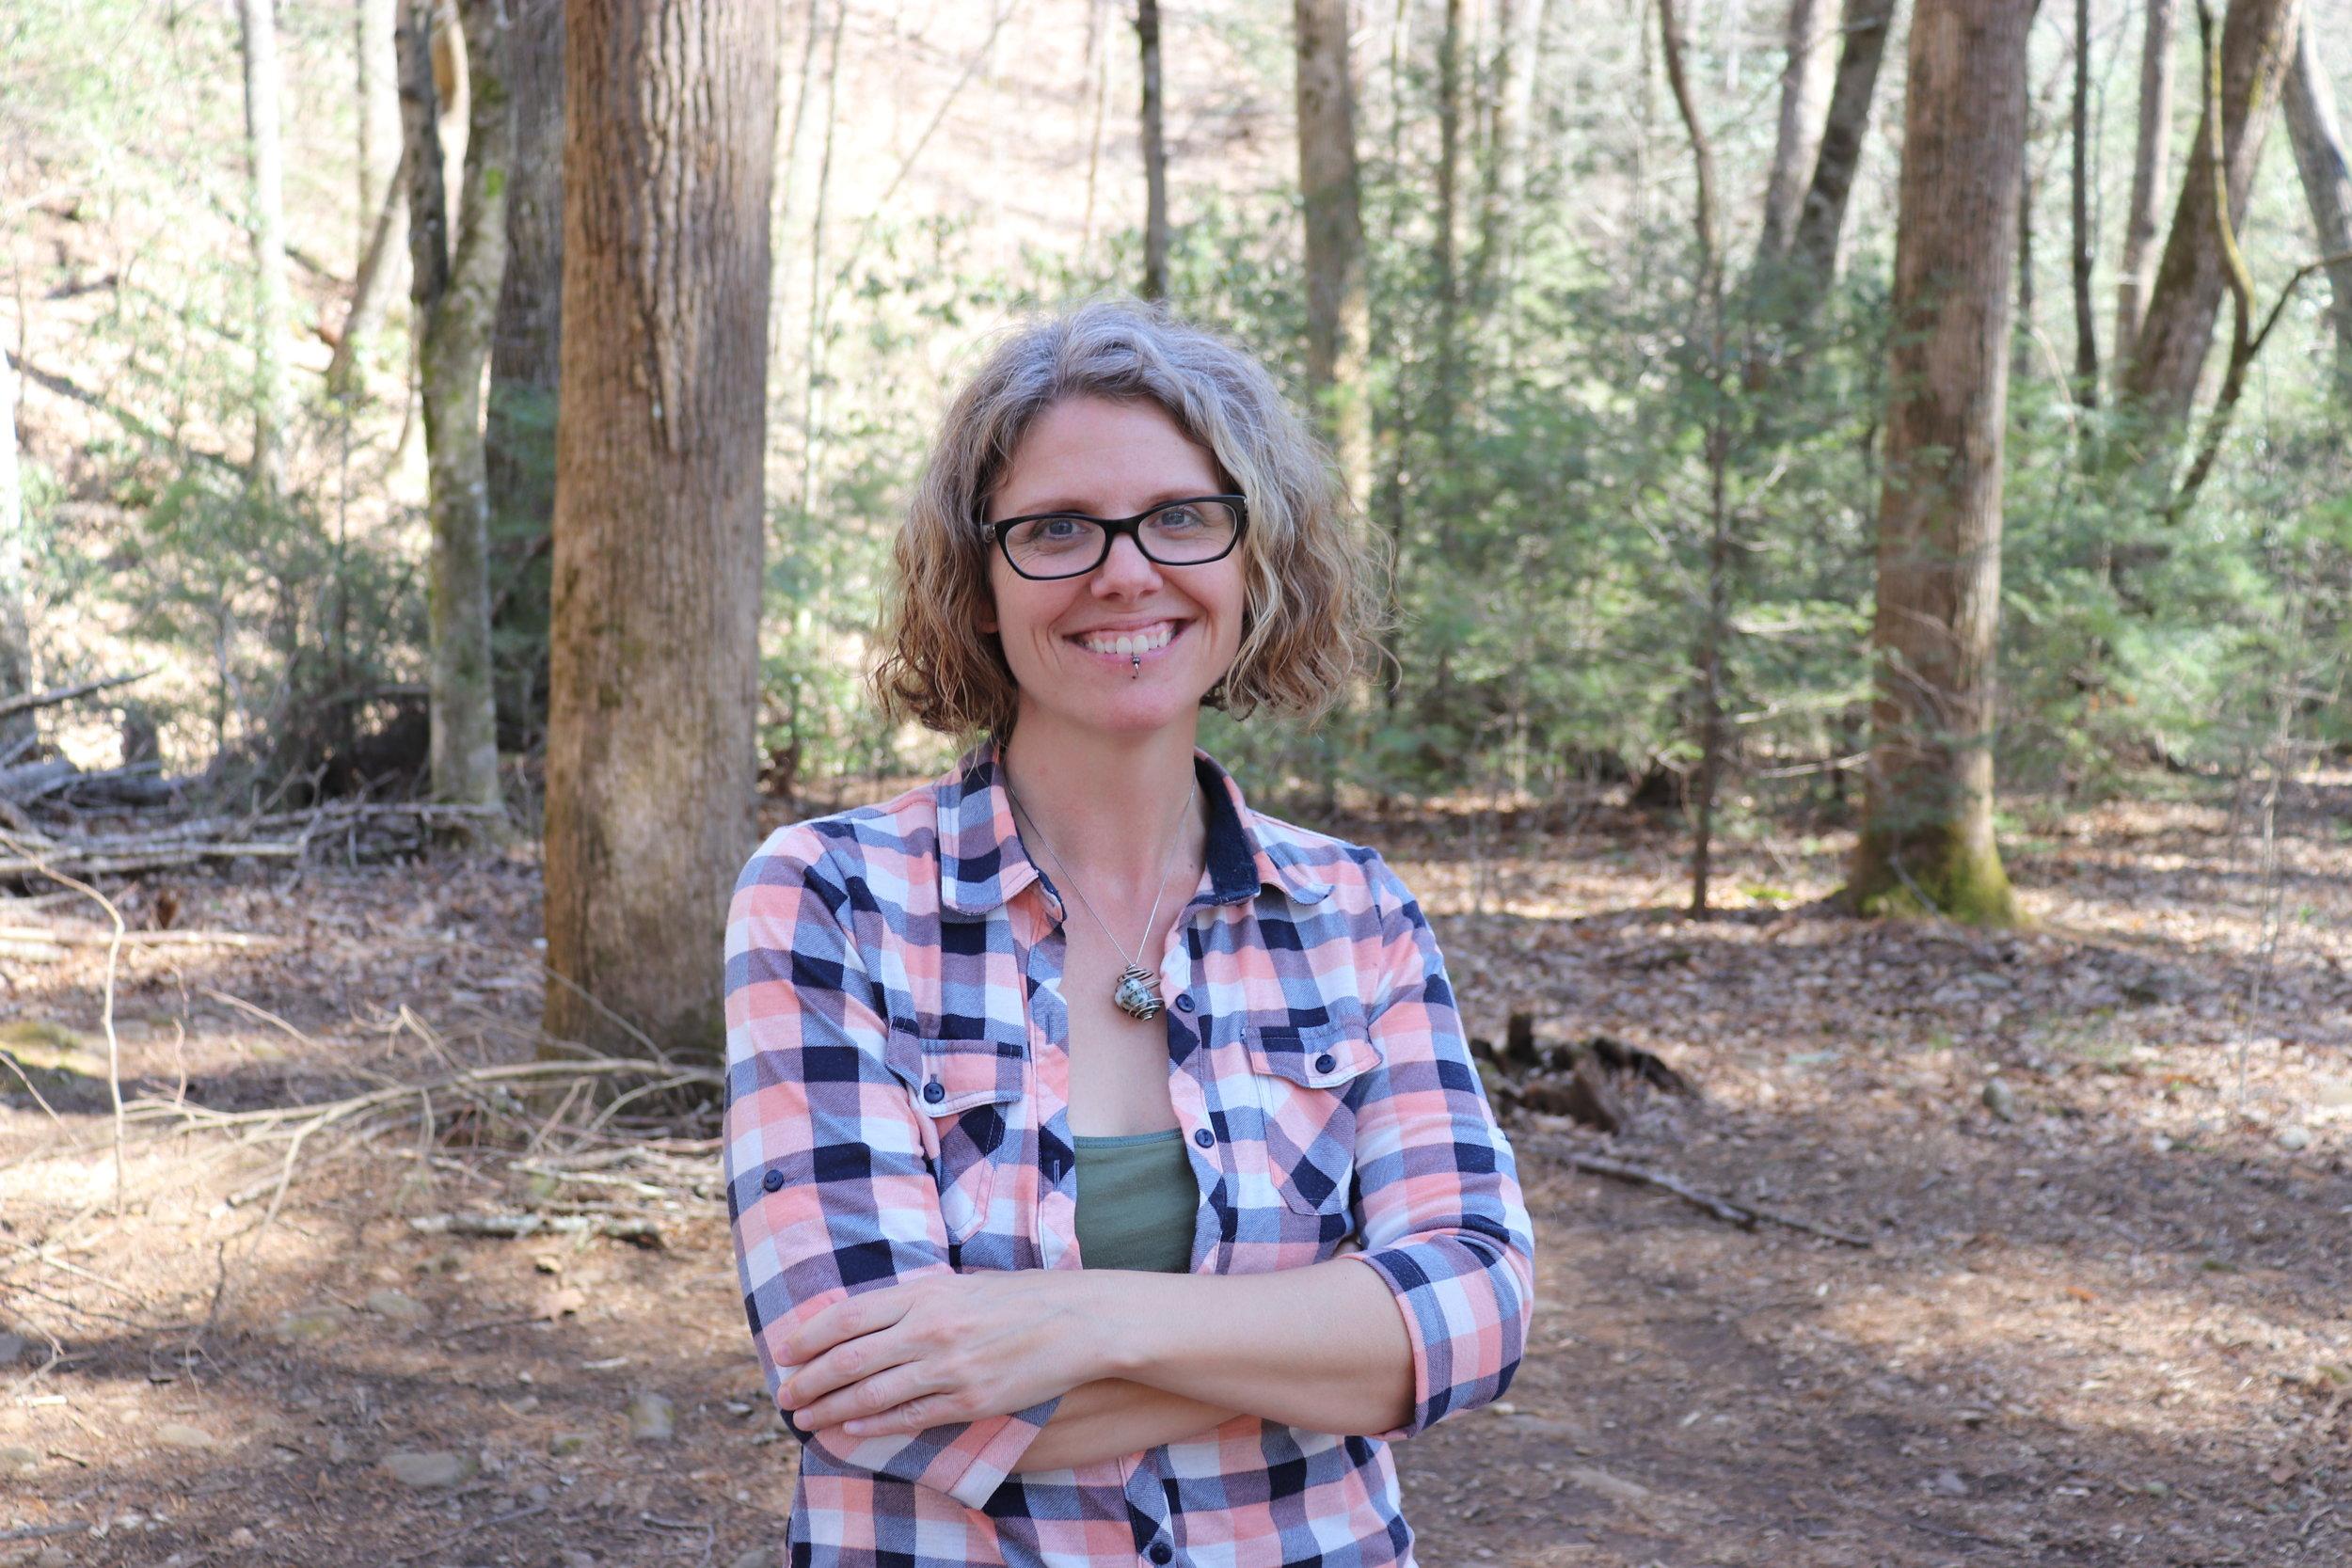 ANFT certified guide, Melissa Loken